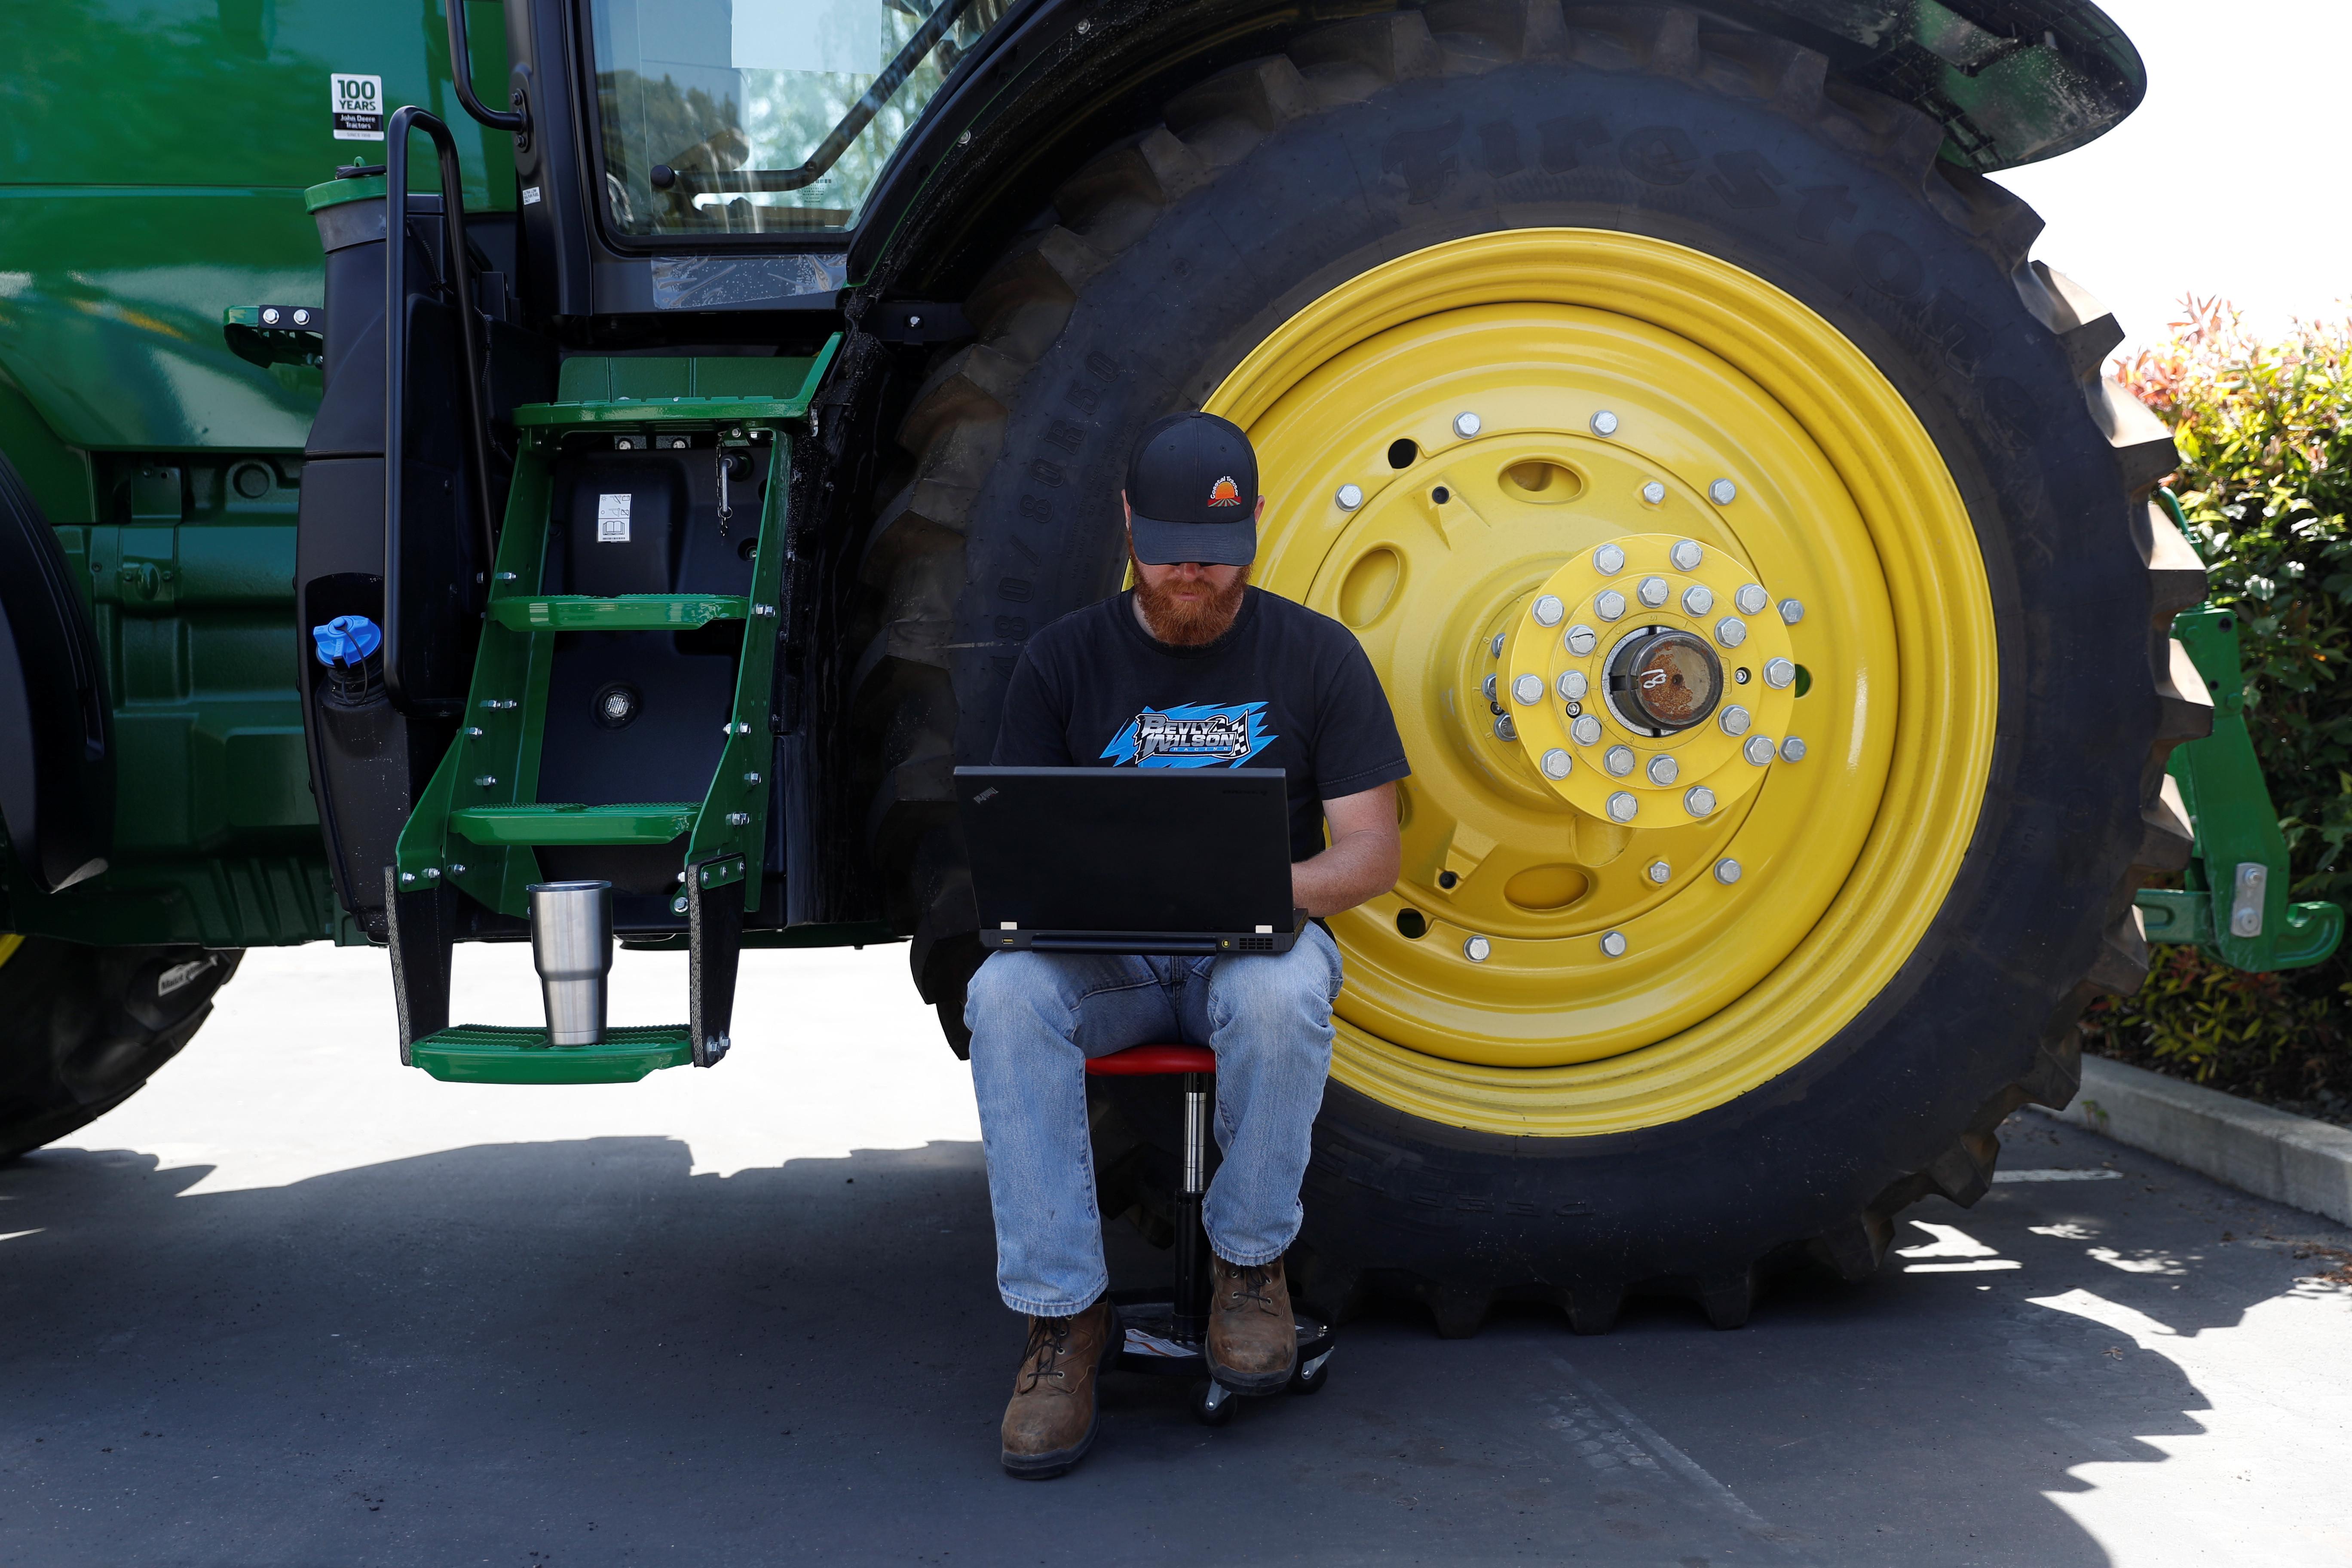 Bryon Majusiak, a senior mechanical engineer, works on his computer on a farm Sunnyvale, California.